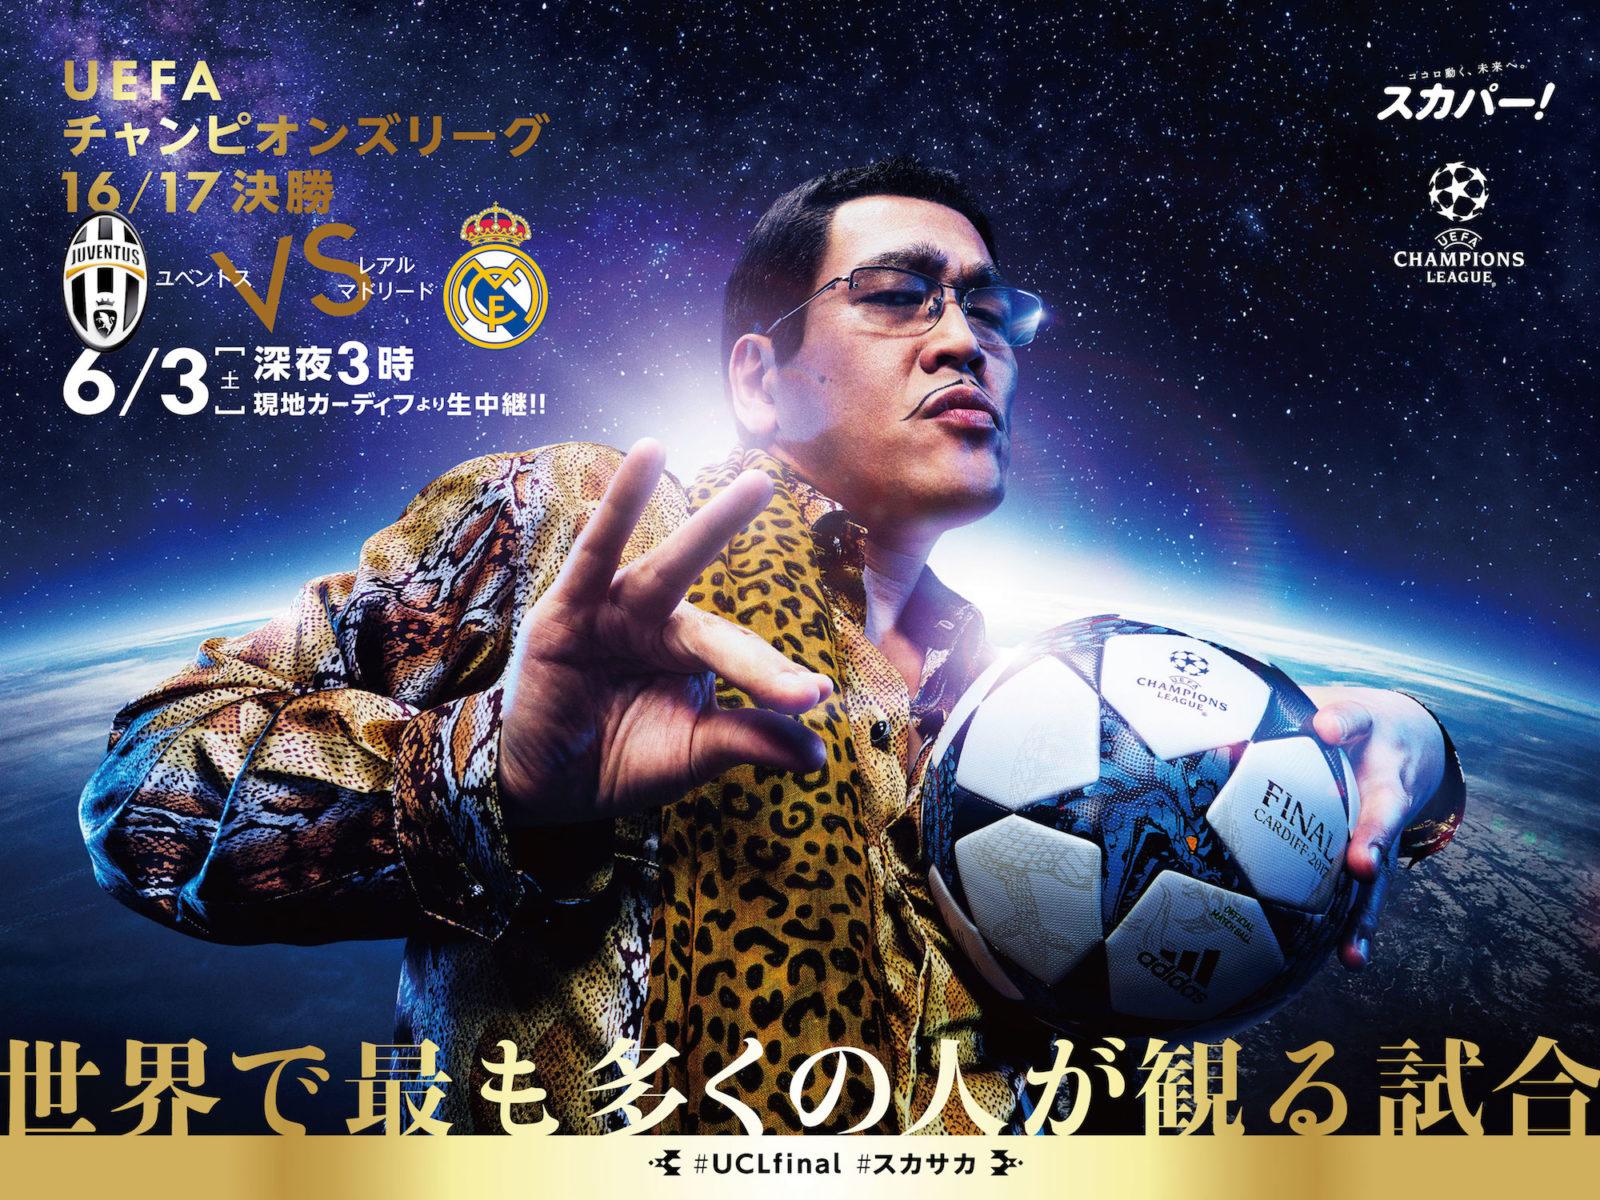 カッコよすぎるピコ太郎のビジュアルに、本人も「まさか」。UEFAチャンピオンズリーグ決勝のPRアンバサダーに抜擢サムネイル画像